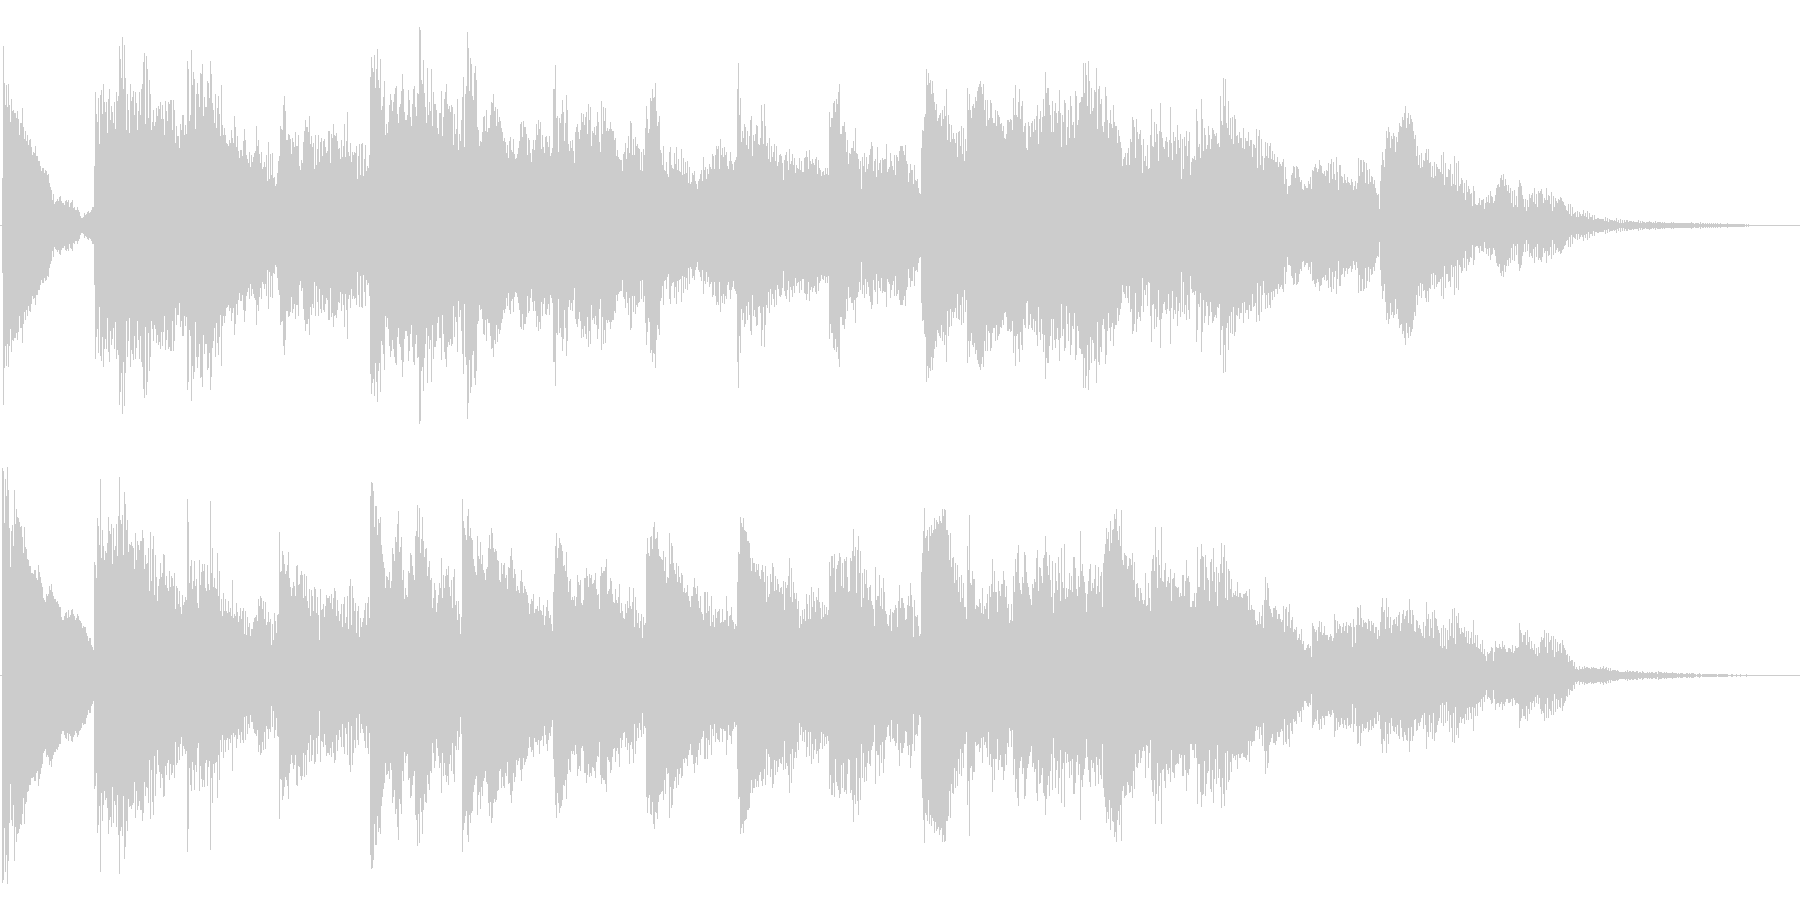 伸びやかで牧歌的なピアノジングルの未再生の波形